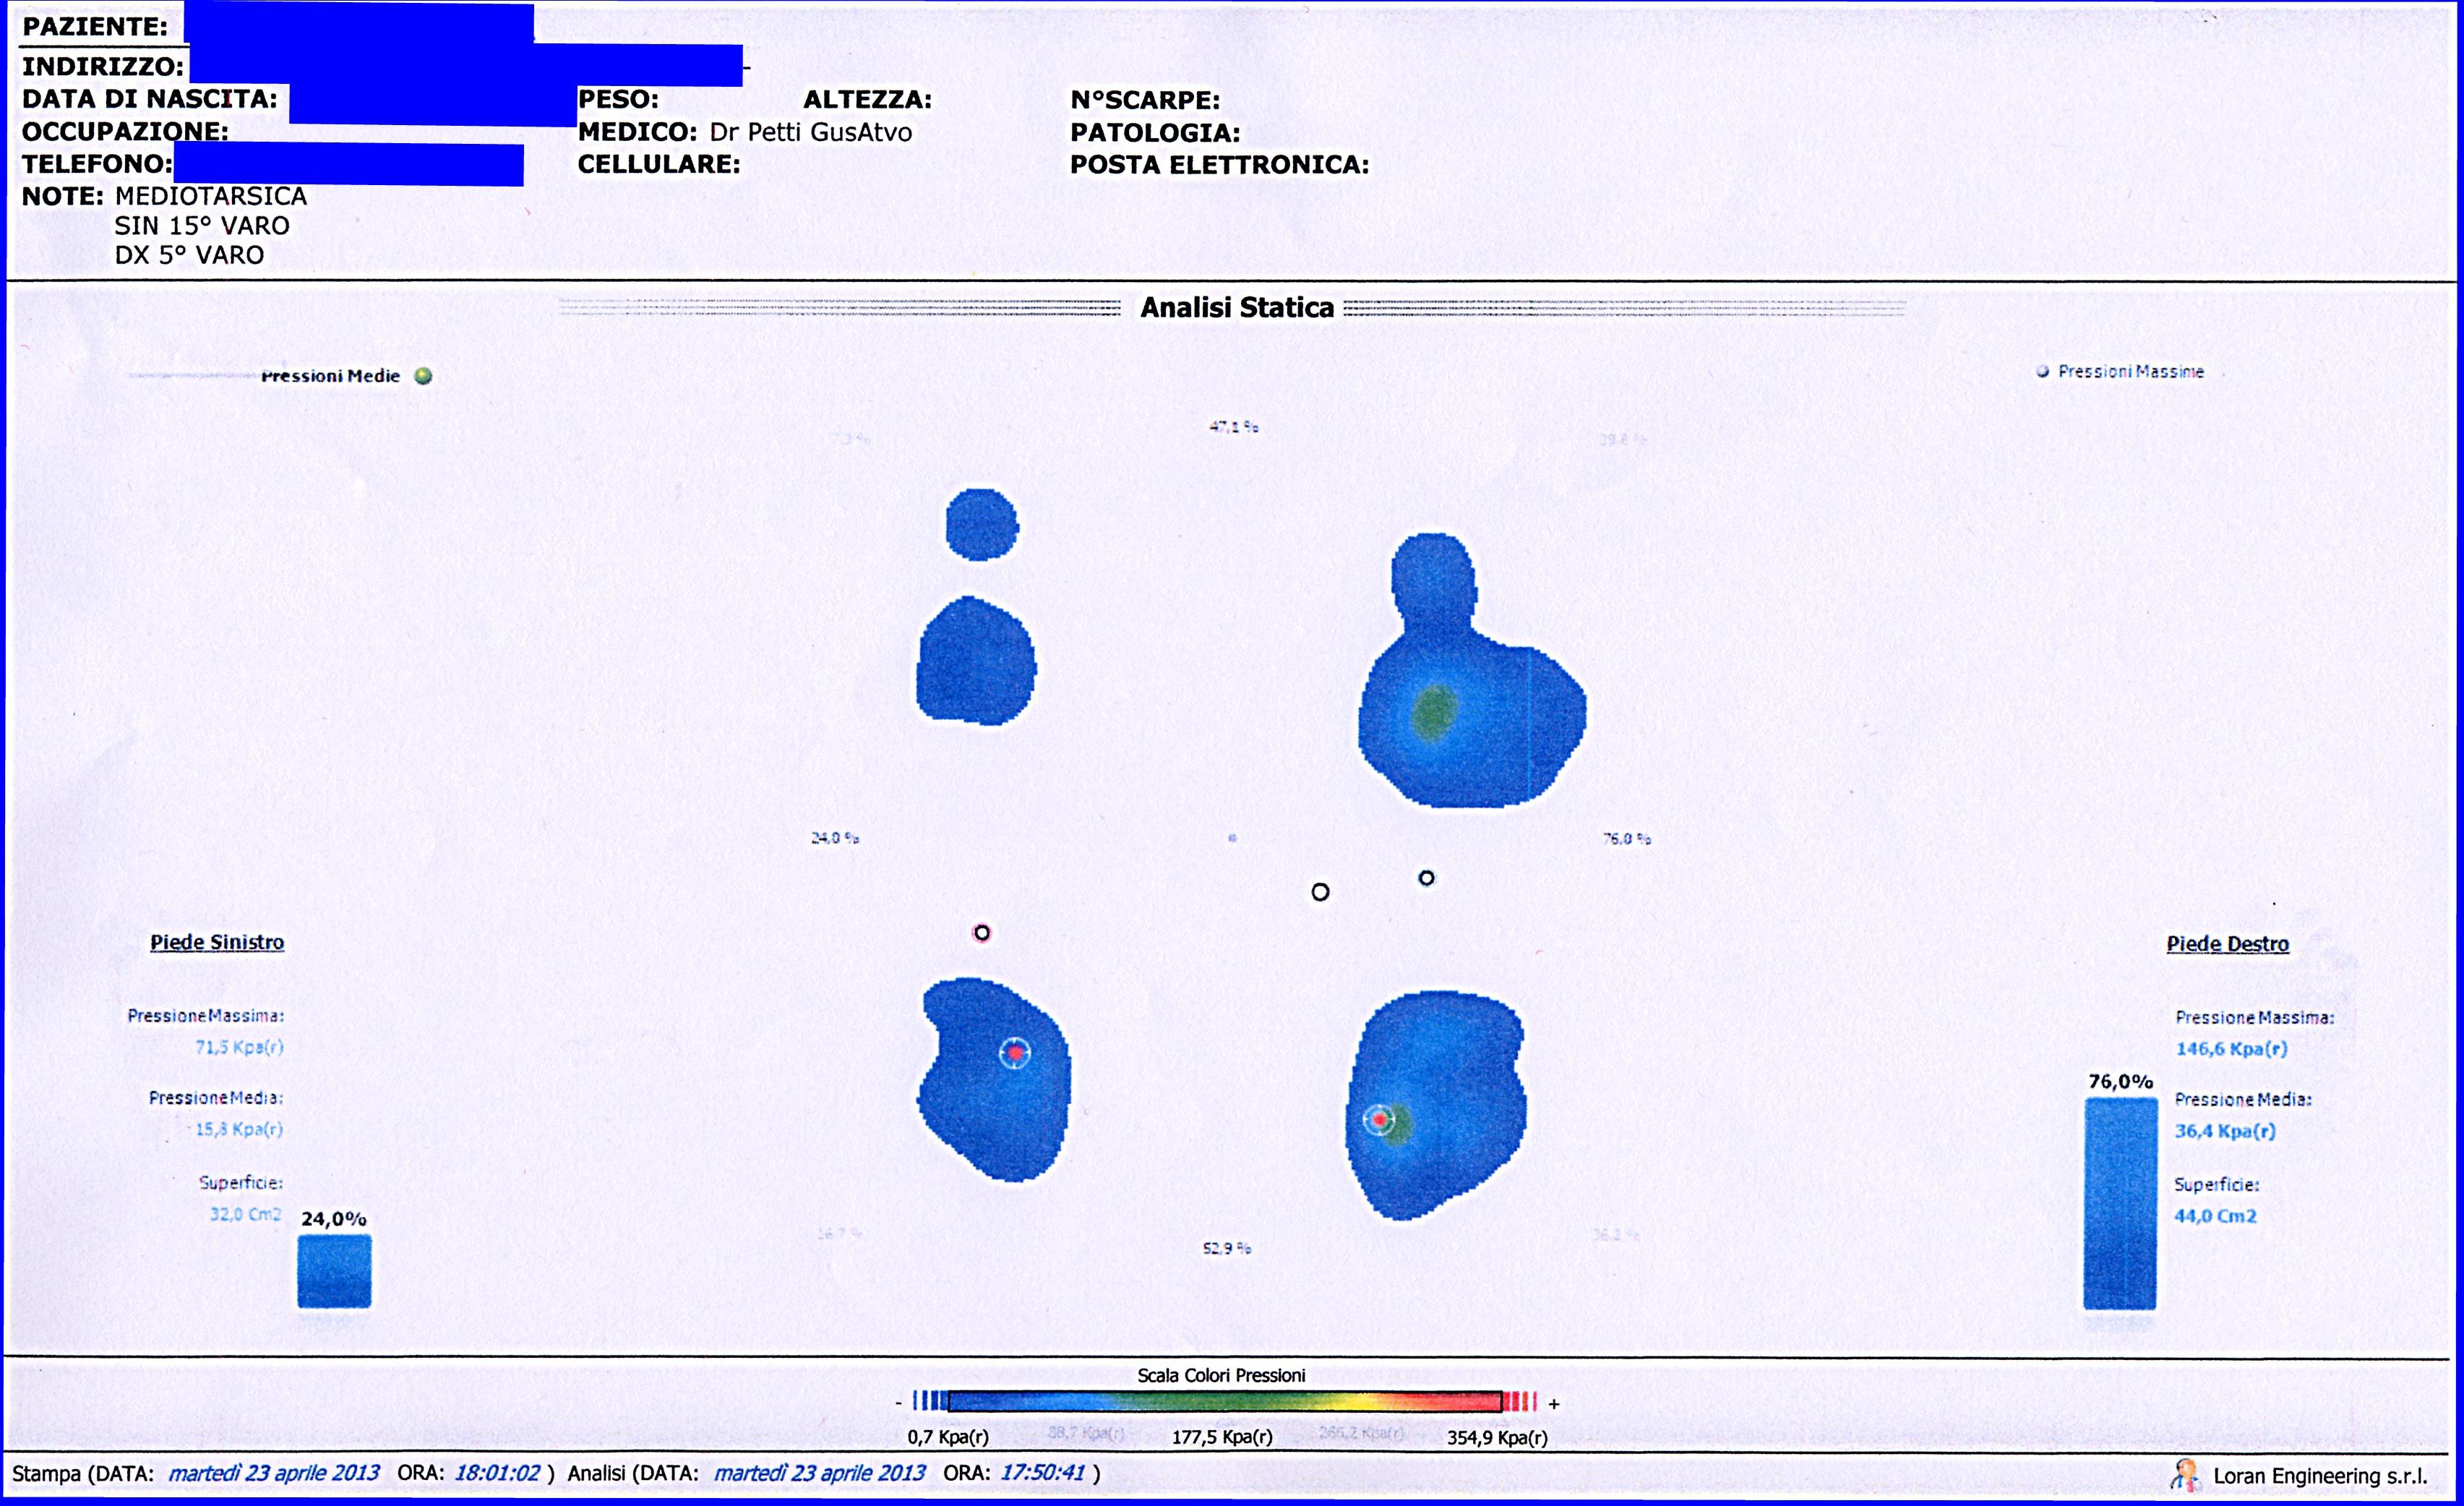 Analisi Stabilometrica della Postura. Una fase compiuterizzata. Da casistica del Dr. Gustavo Petti Parodontologo Gnatologo di Cagliari